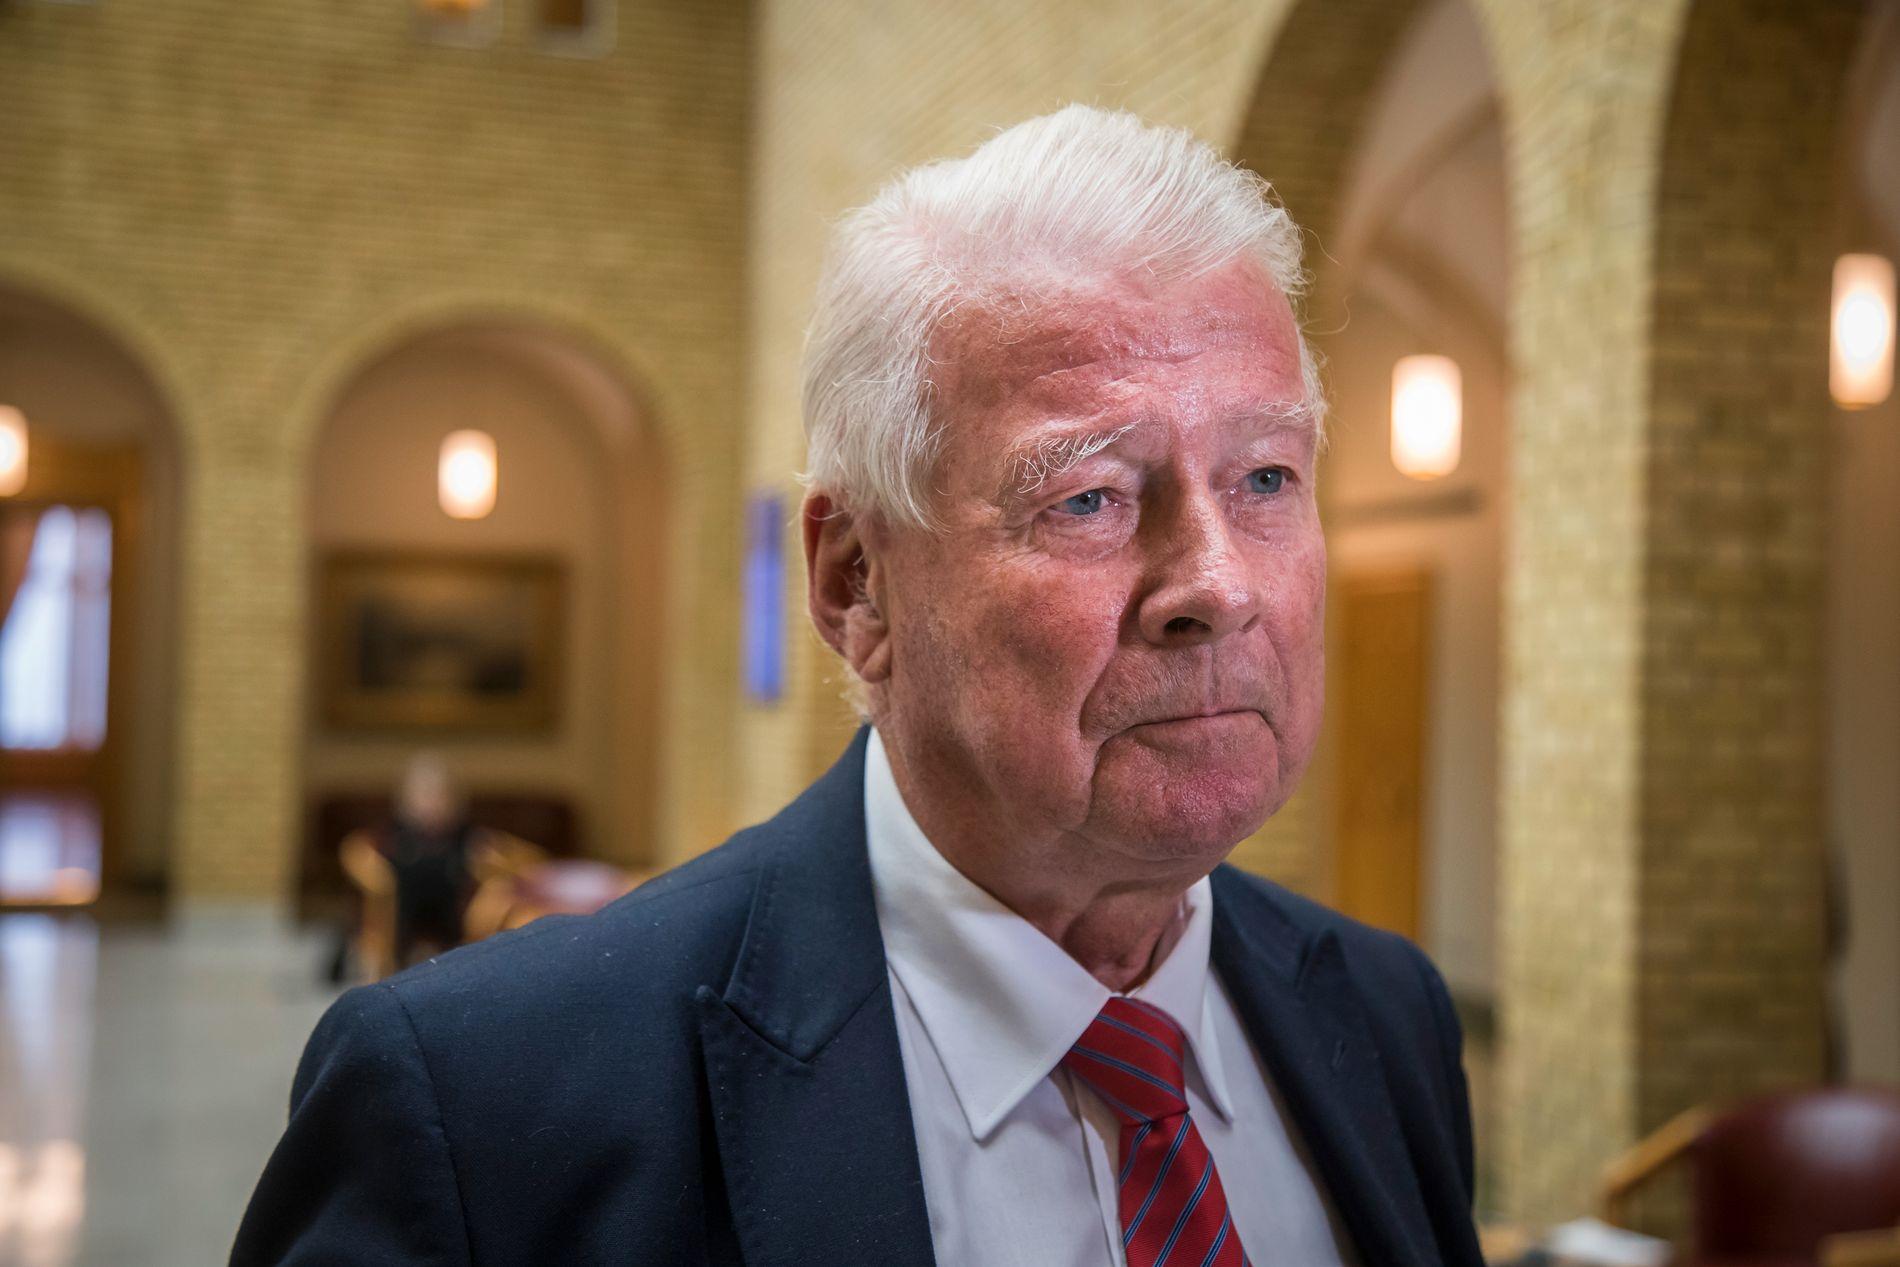 IKKE VALGBAR: Arbeiderpartiet, KrF, Venstre, Senterpartiet og SV har flere ganger bedt Fremskrittspartiet om å komme opp med en annen kandidat enn Carl I. Hagen til Nobelkomitéen. Han er som kjent vararepresentant til Stortinget.